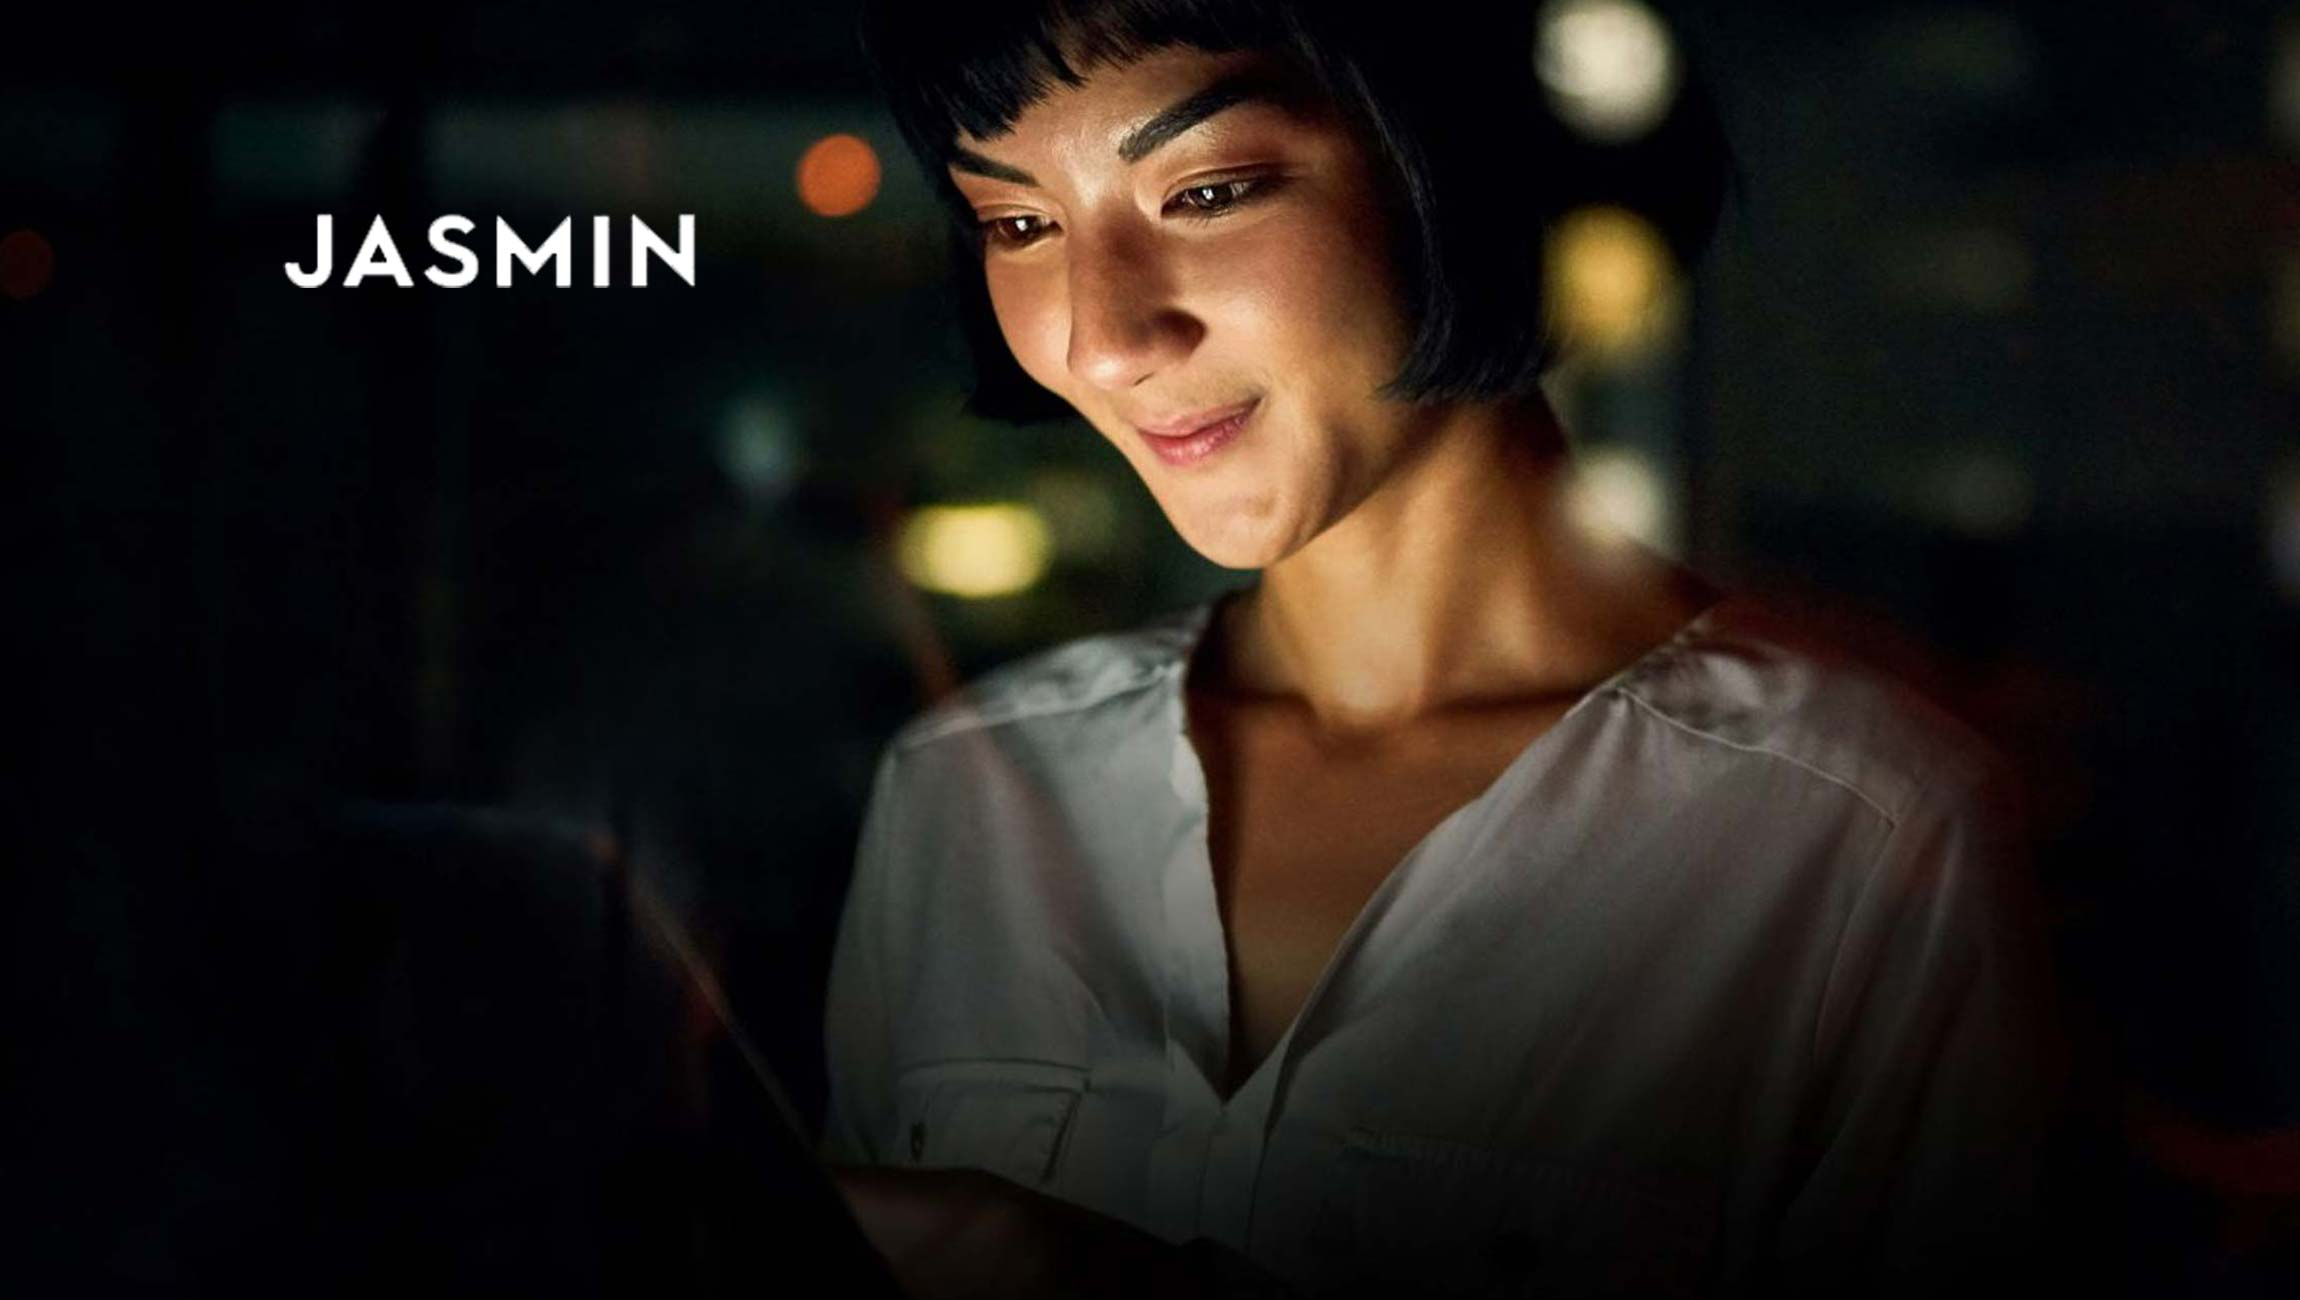 New Influencer WebCam-Based Social Platform, Jasmin.com, Launches ...